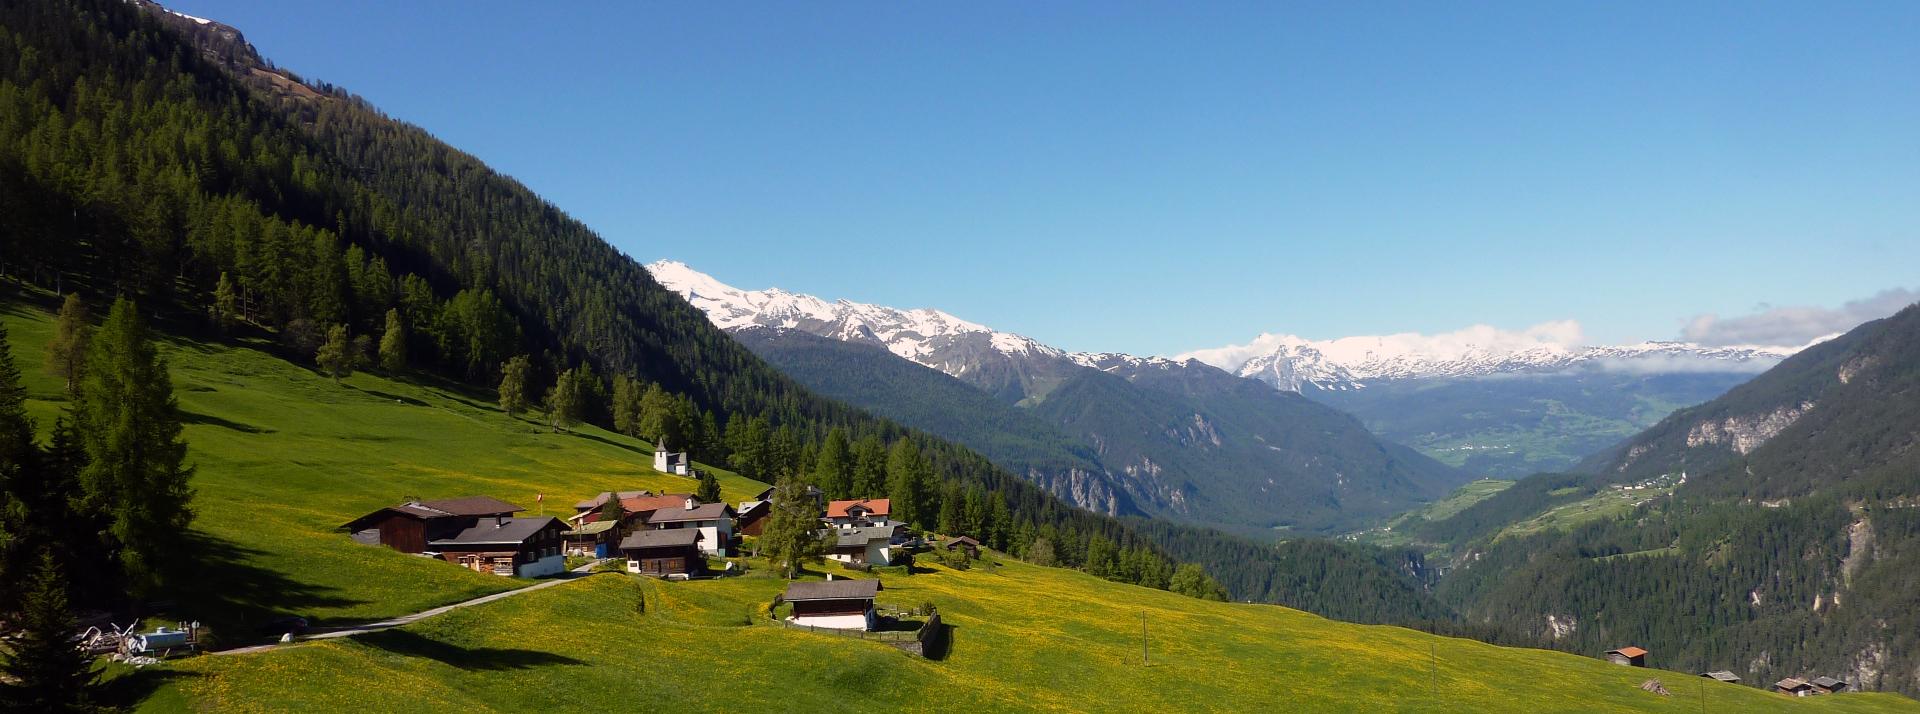 Jenisberg im Sommer